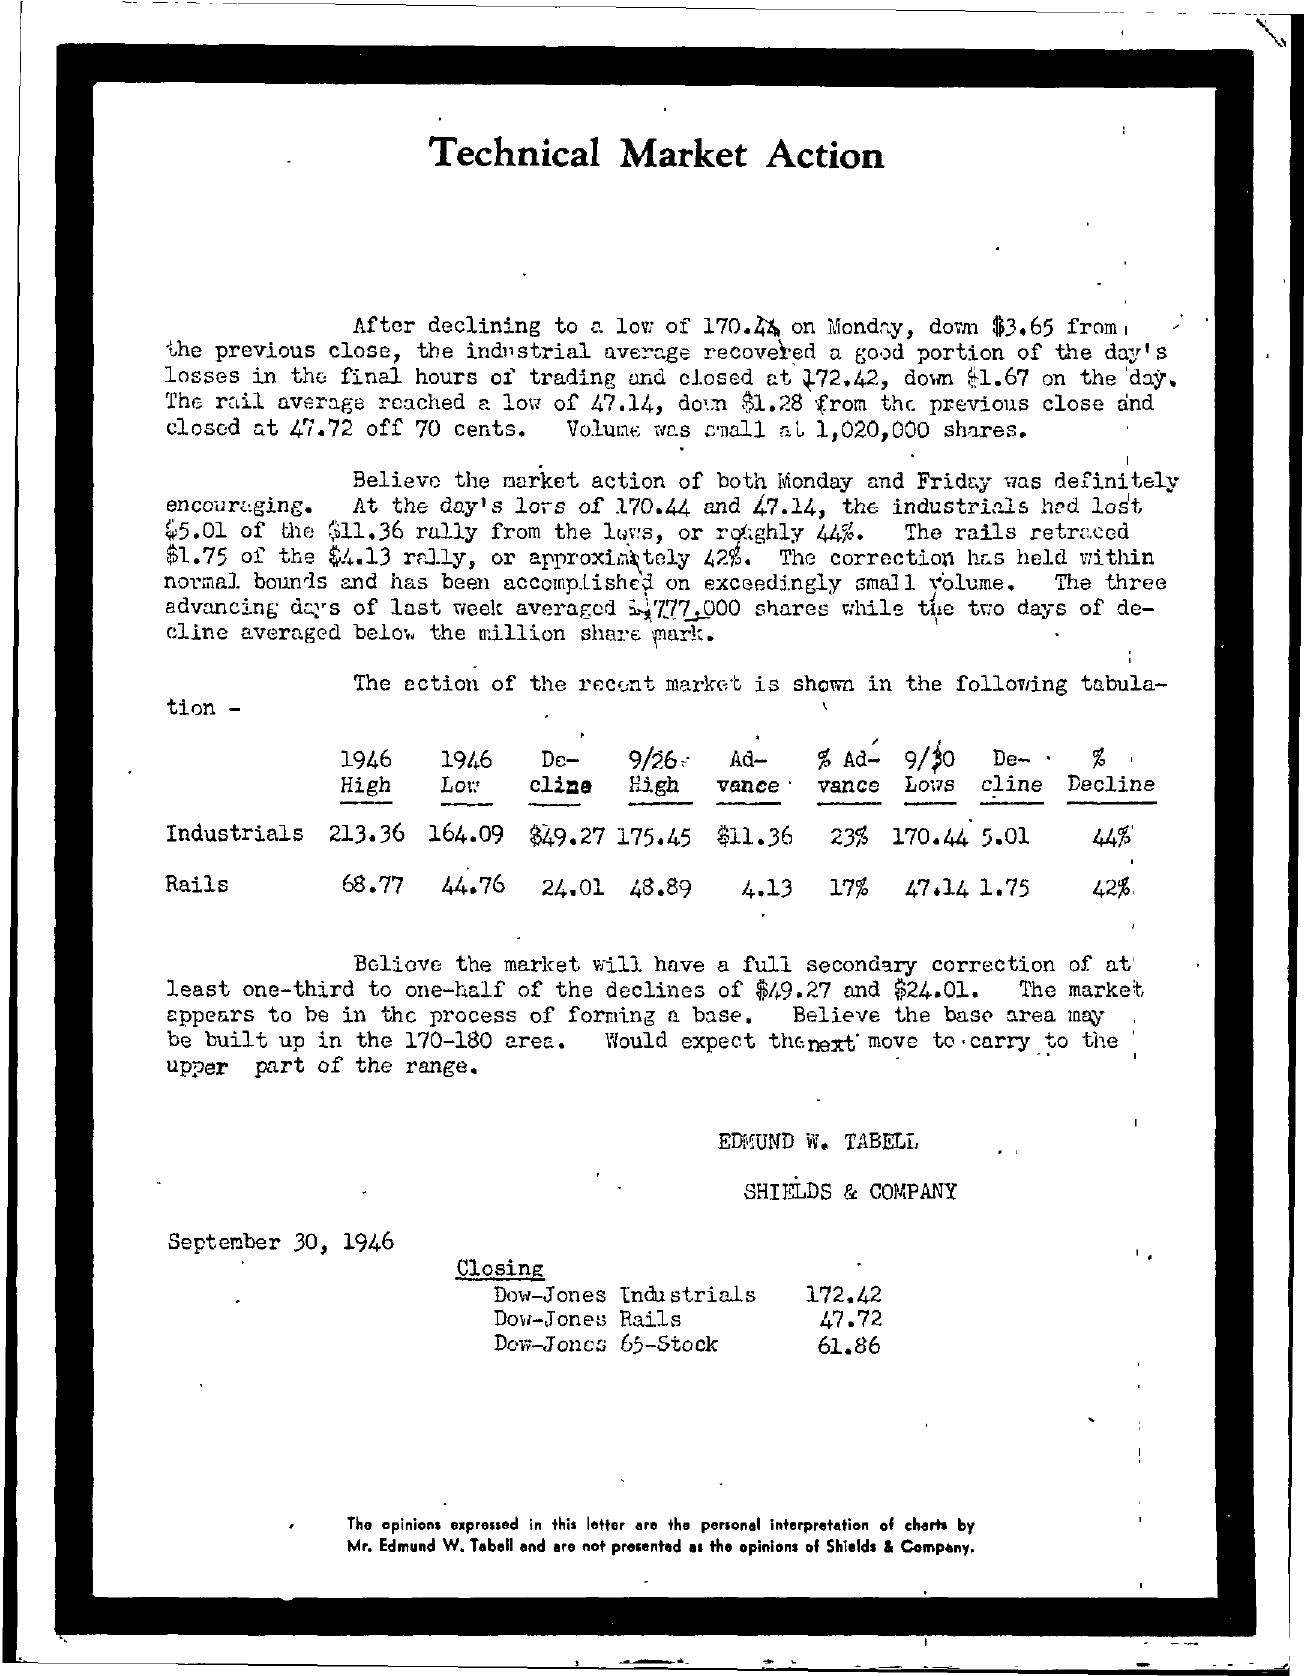 Tabell's Market Letter - September 30, 1946